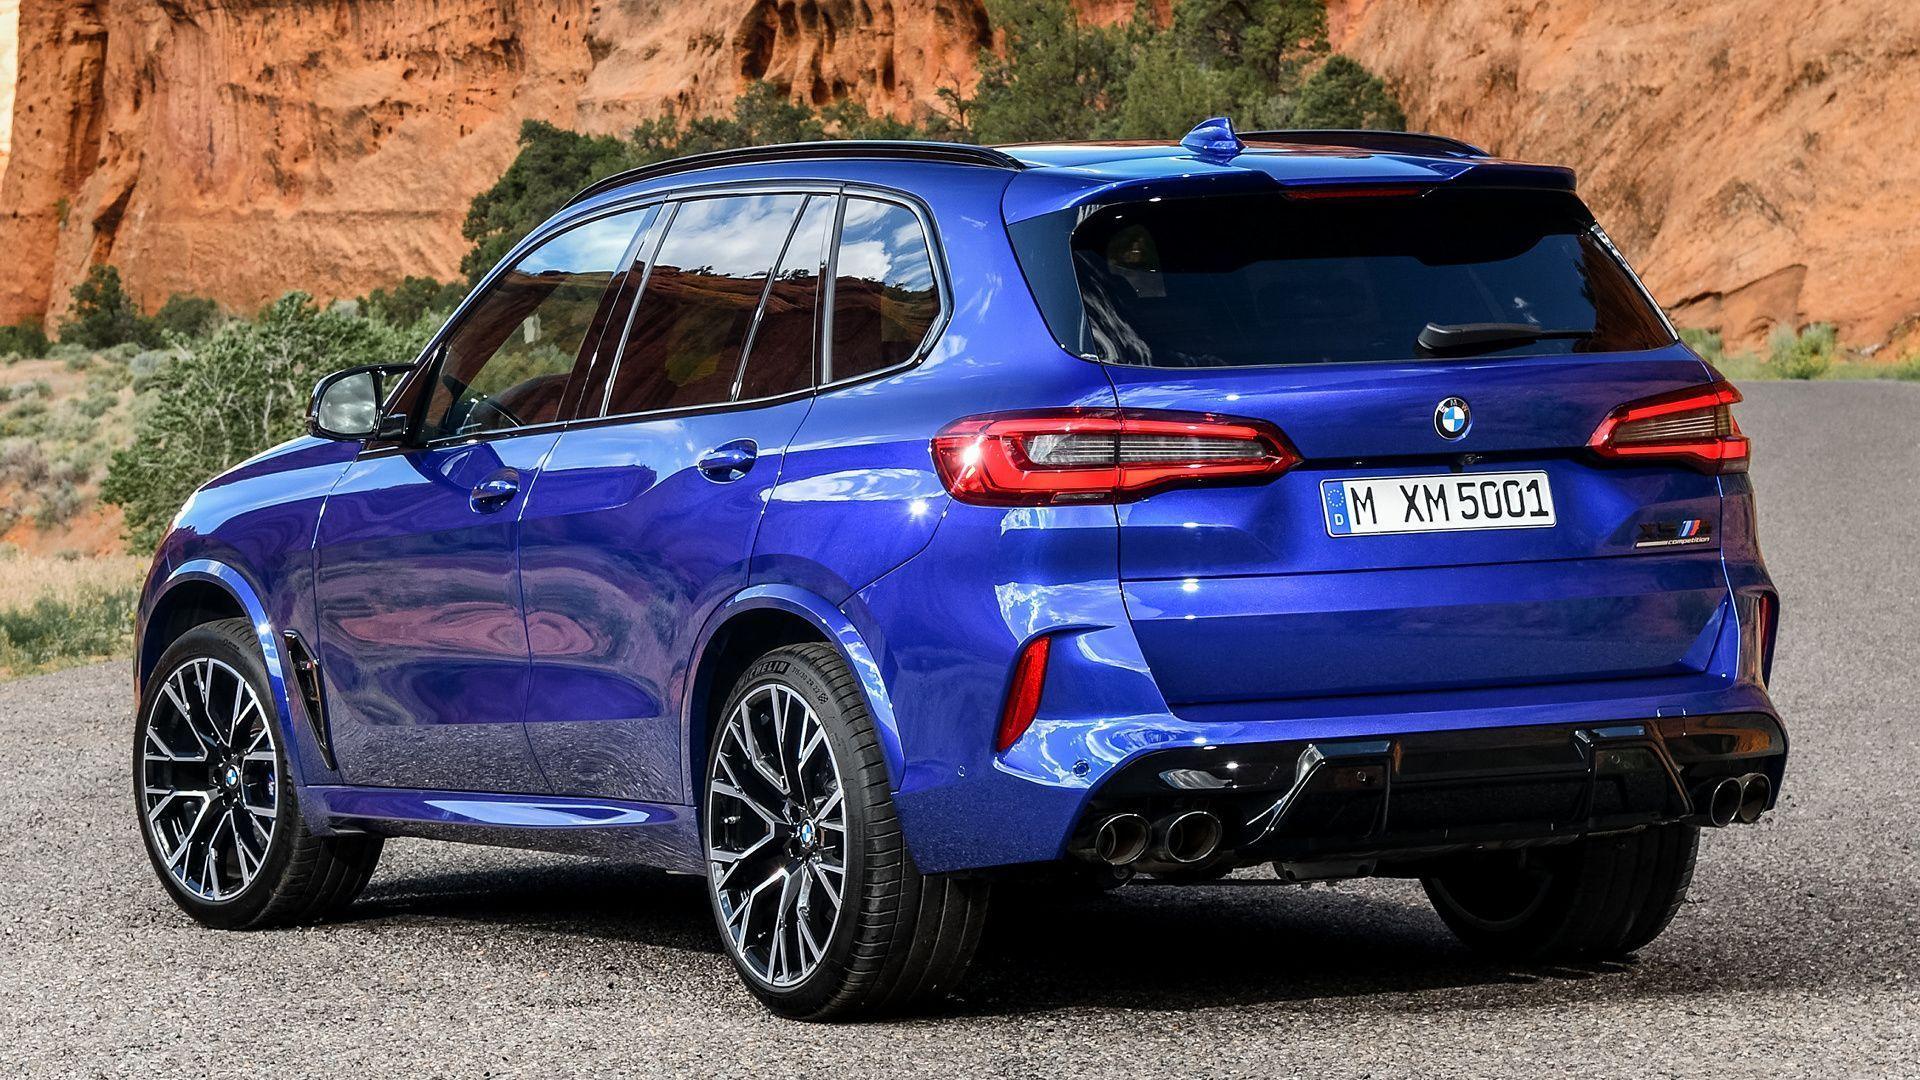 Vehicles Bmw X5 M Competition Bmw Mid Size Car Suv Luxury Car Blue Car Car Hd Wa En 2020 Lujos